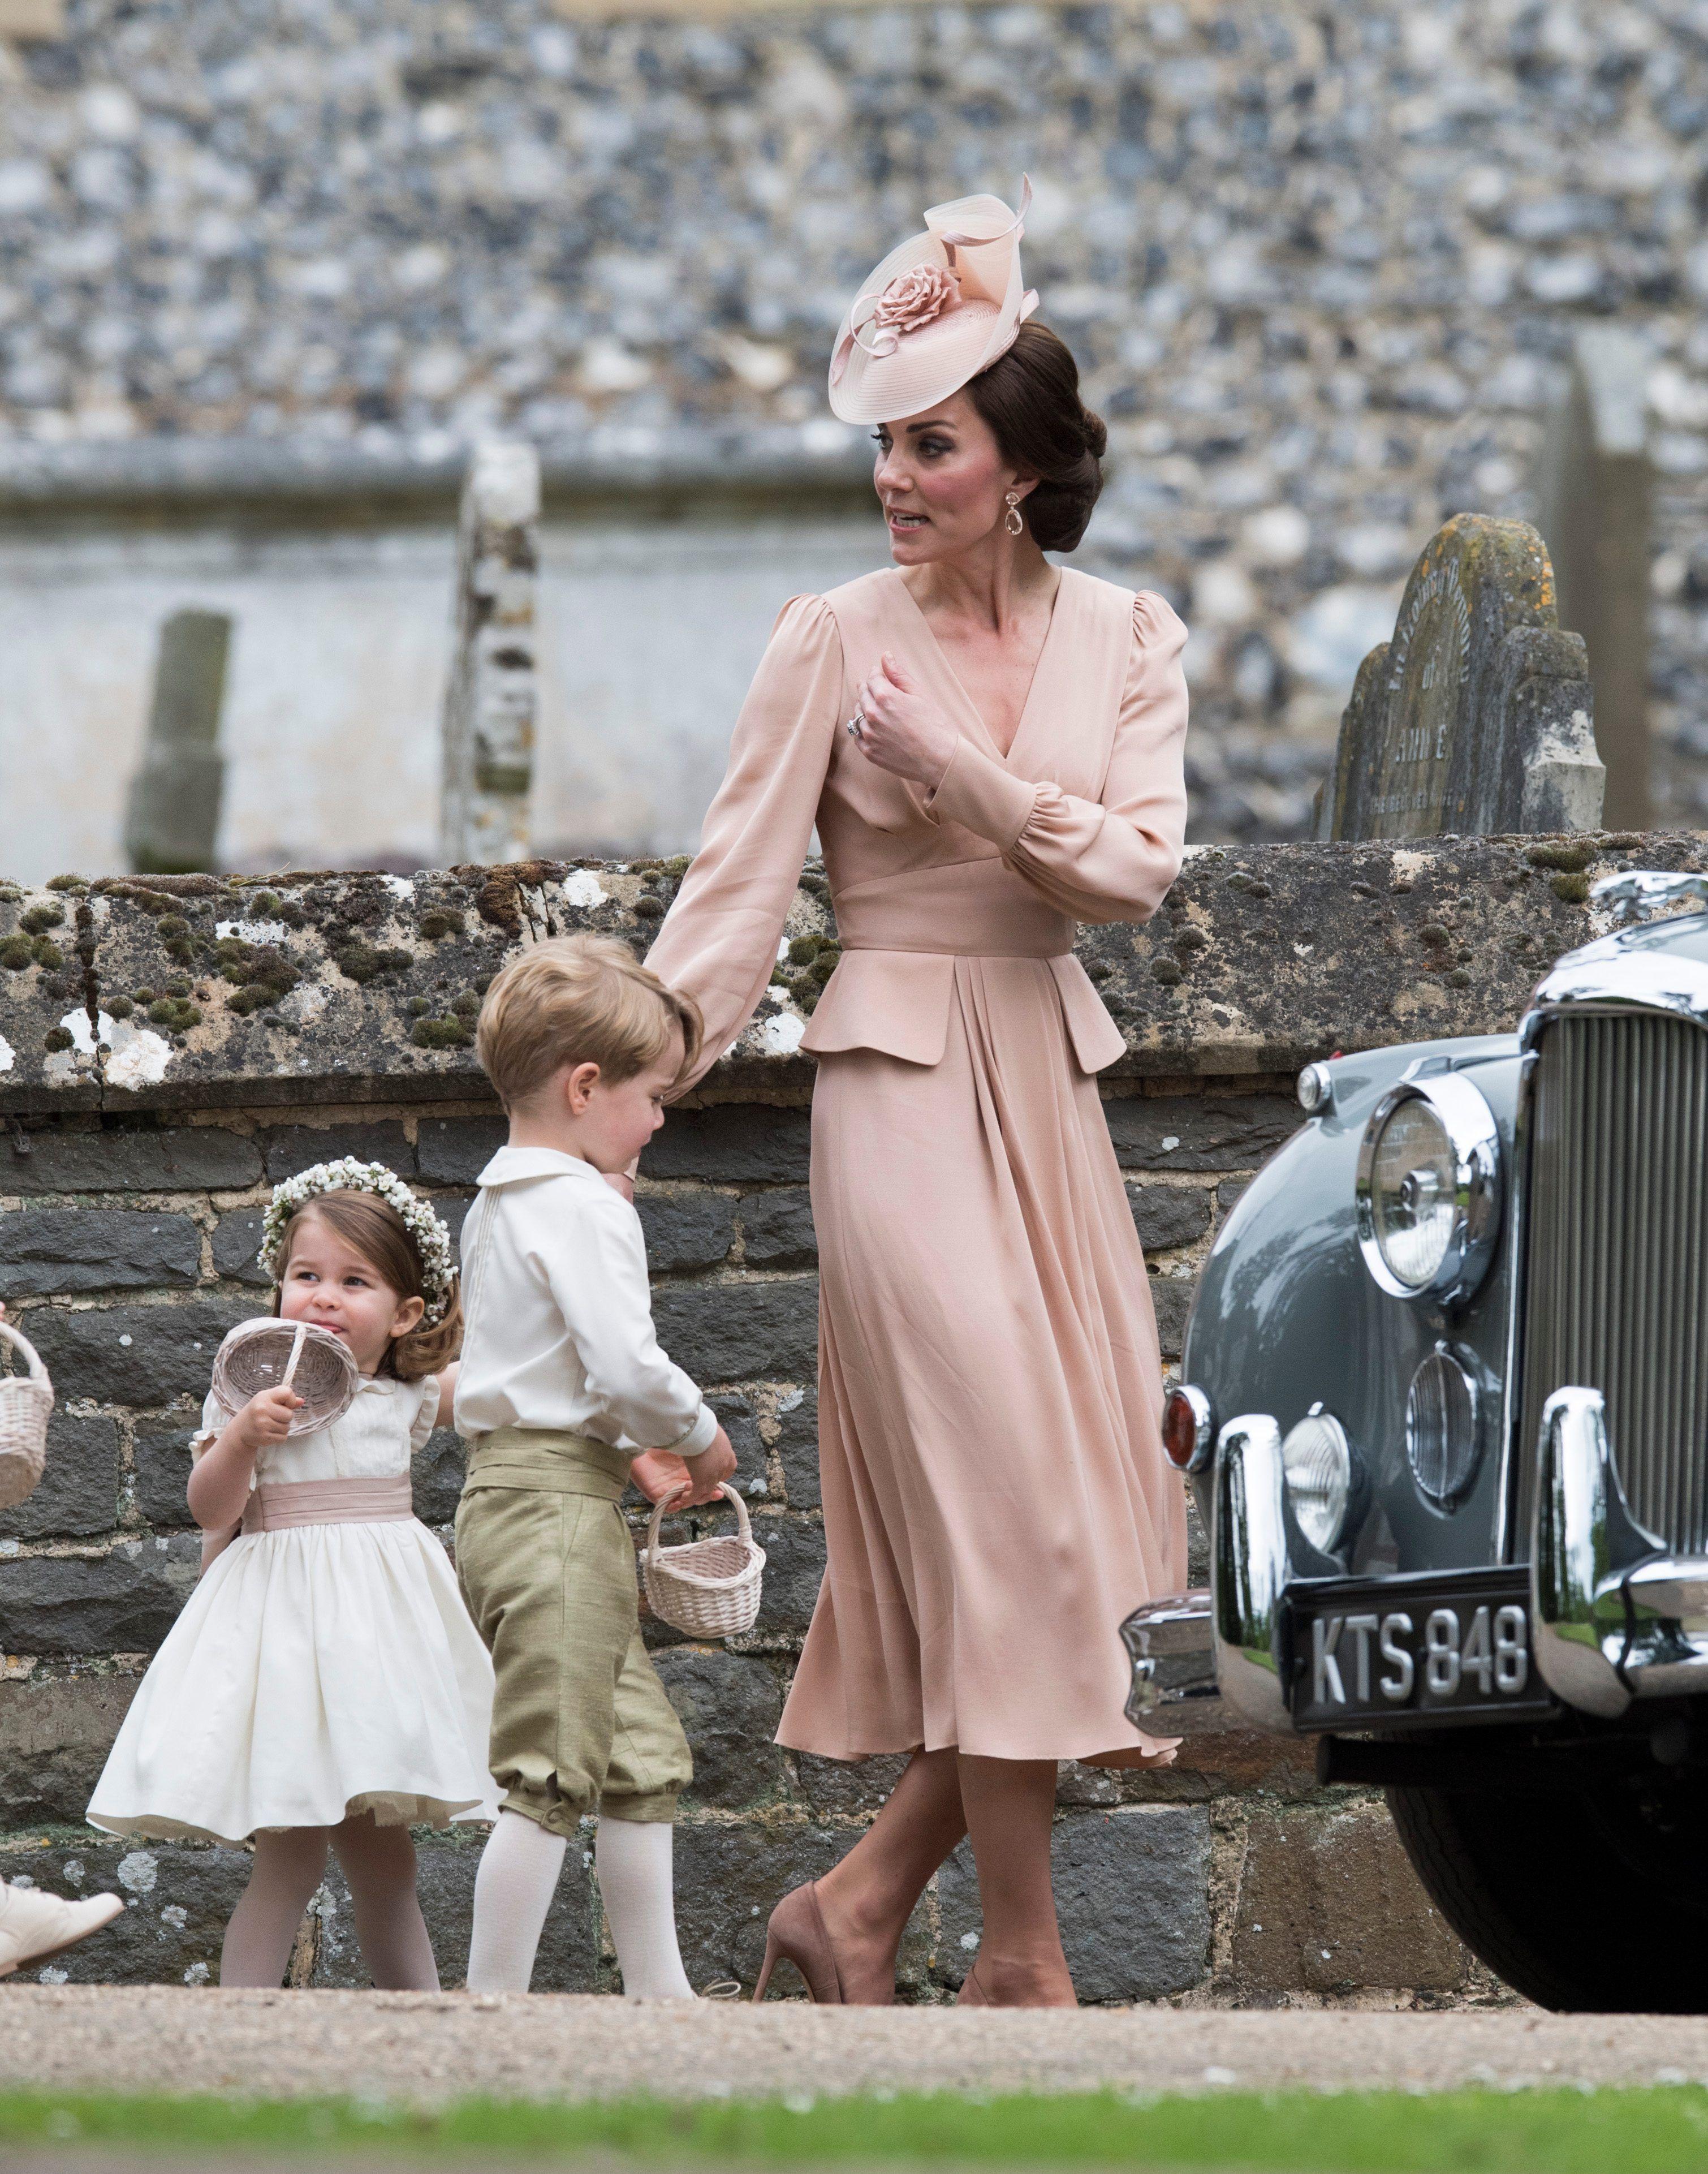 Matrimonio Pippa Middleton : Il look di kate middleton per il matrimonio della sorella pippa